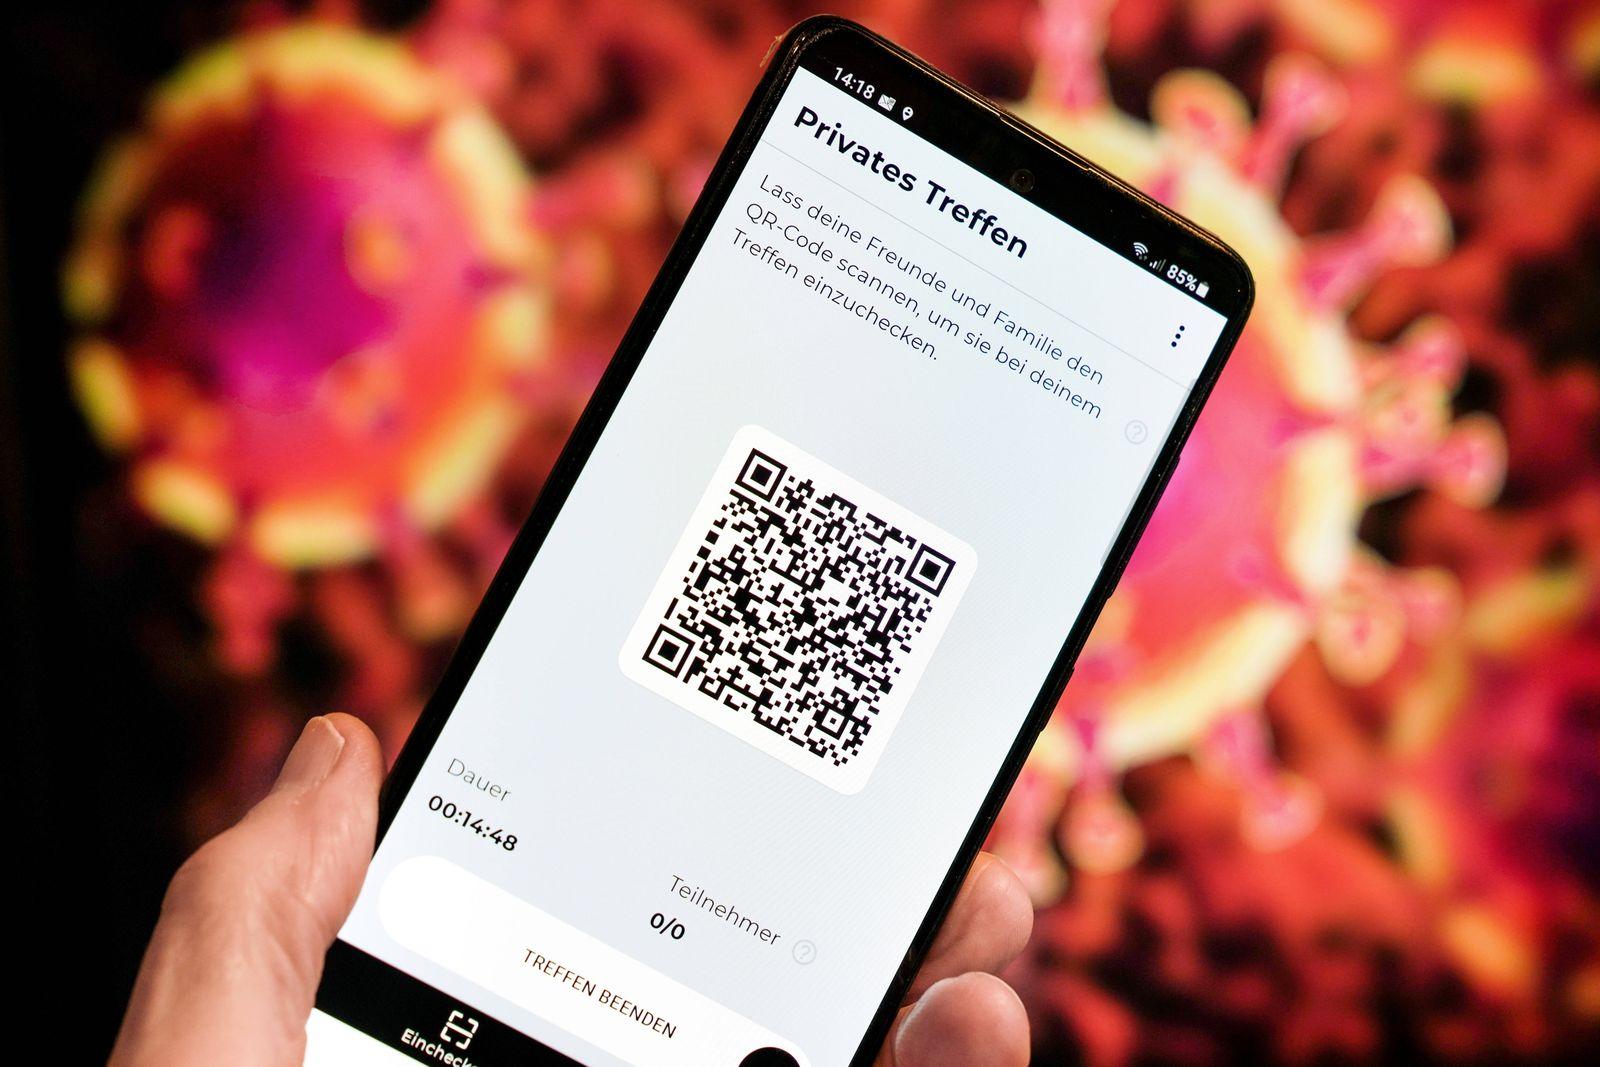 Luca-App, QR-Code auf einem Smartphone. In Kooperation mit dem Berliner Start-up nexenio hat Rapper Smudo von den Fantas